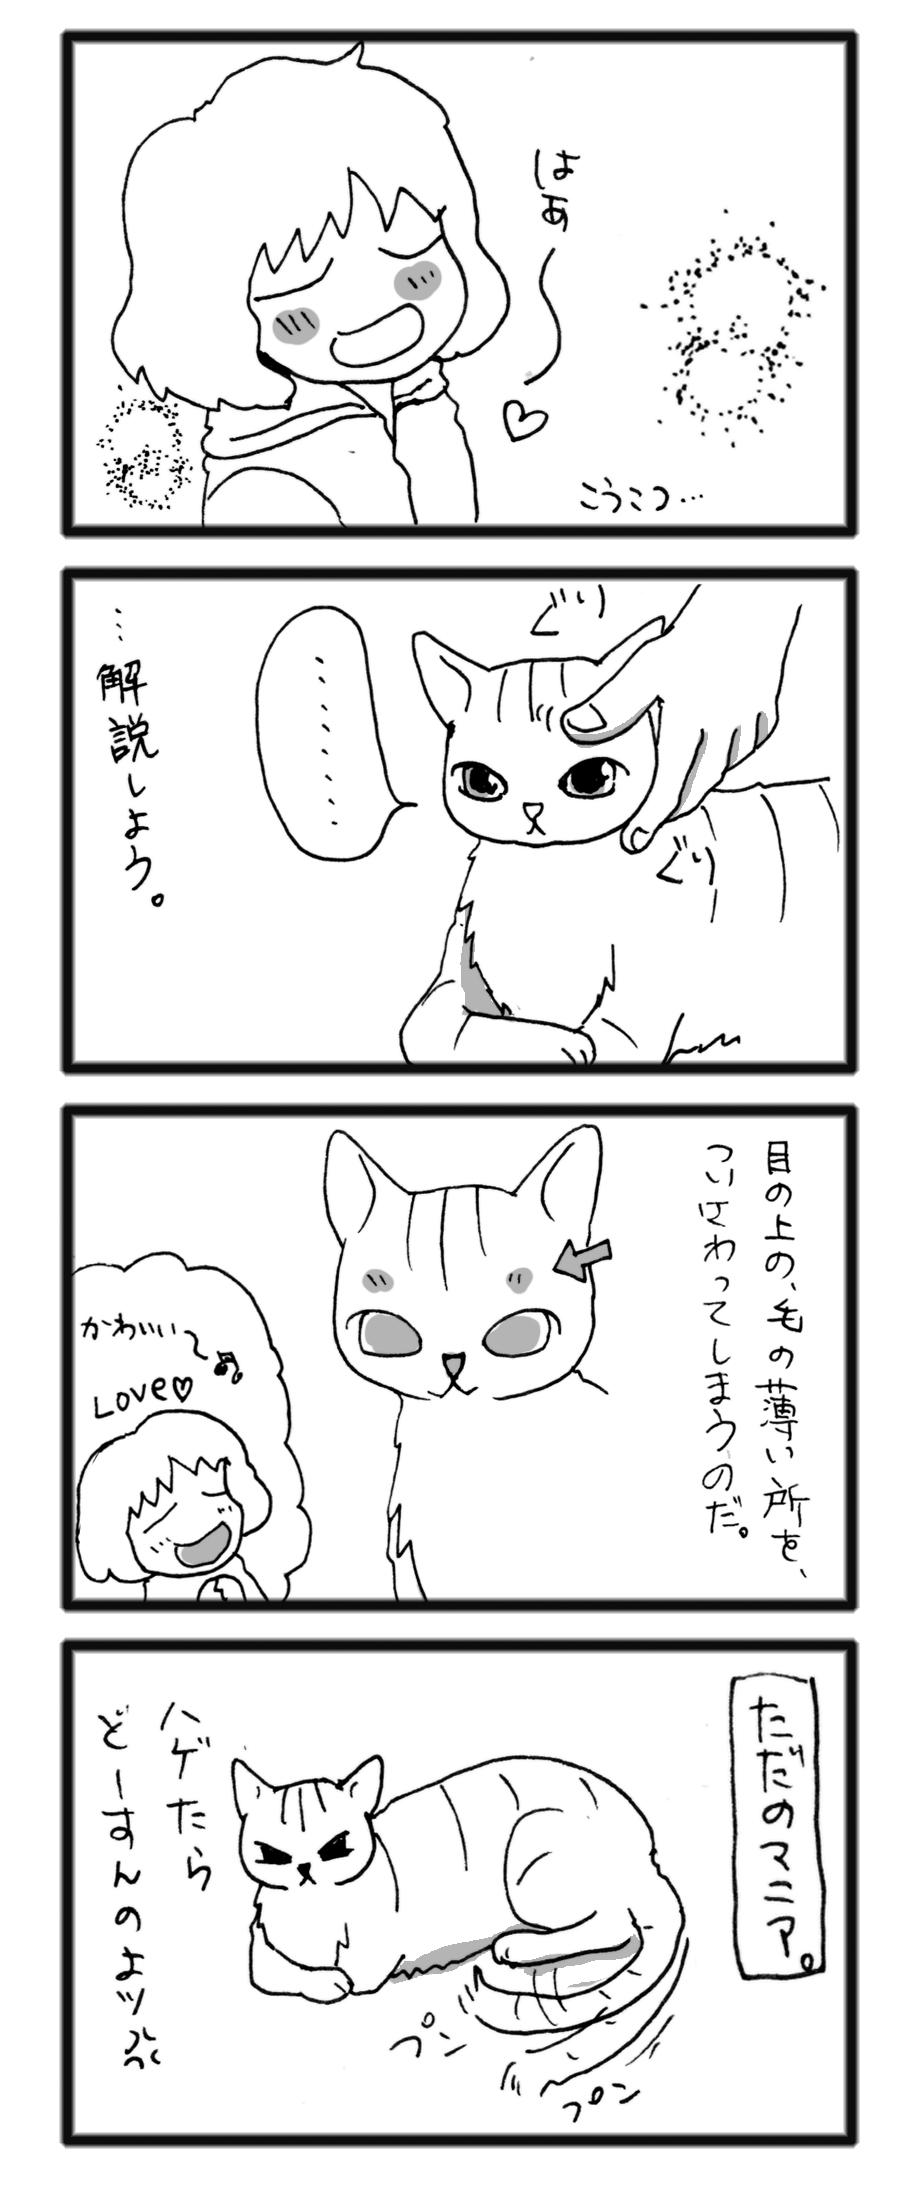 comic_14022001.jpg